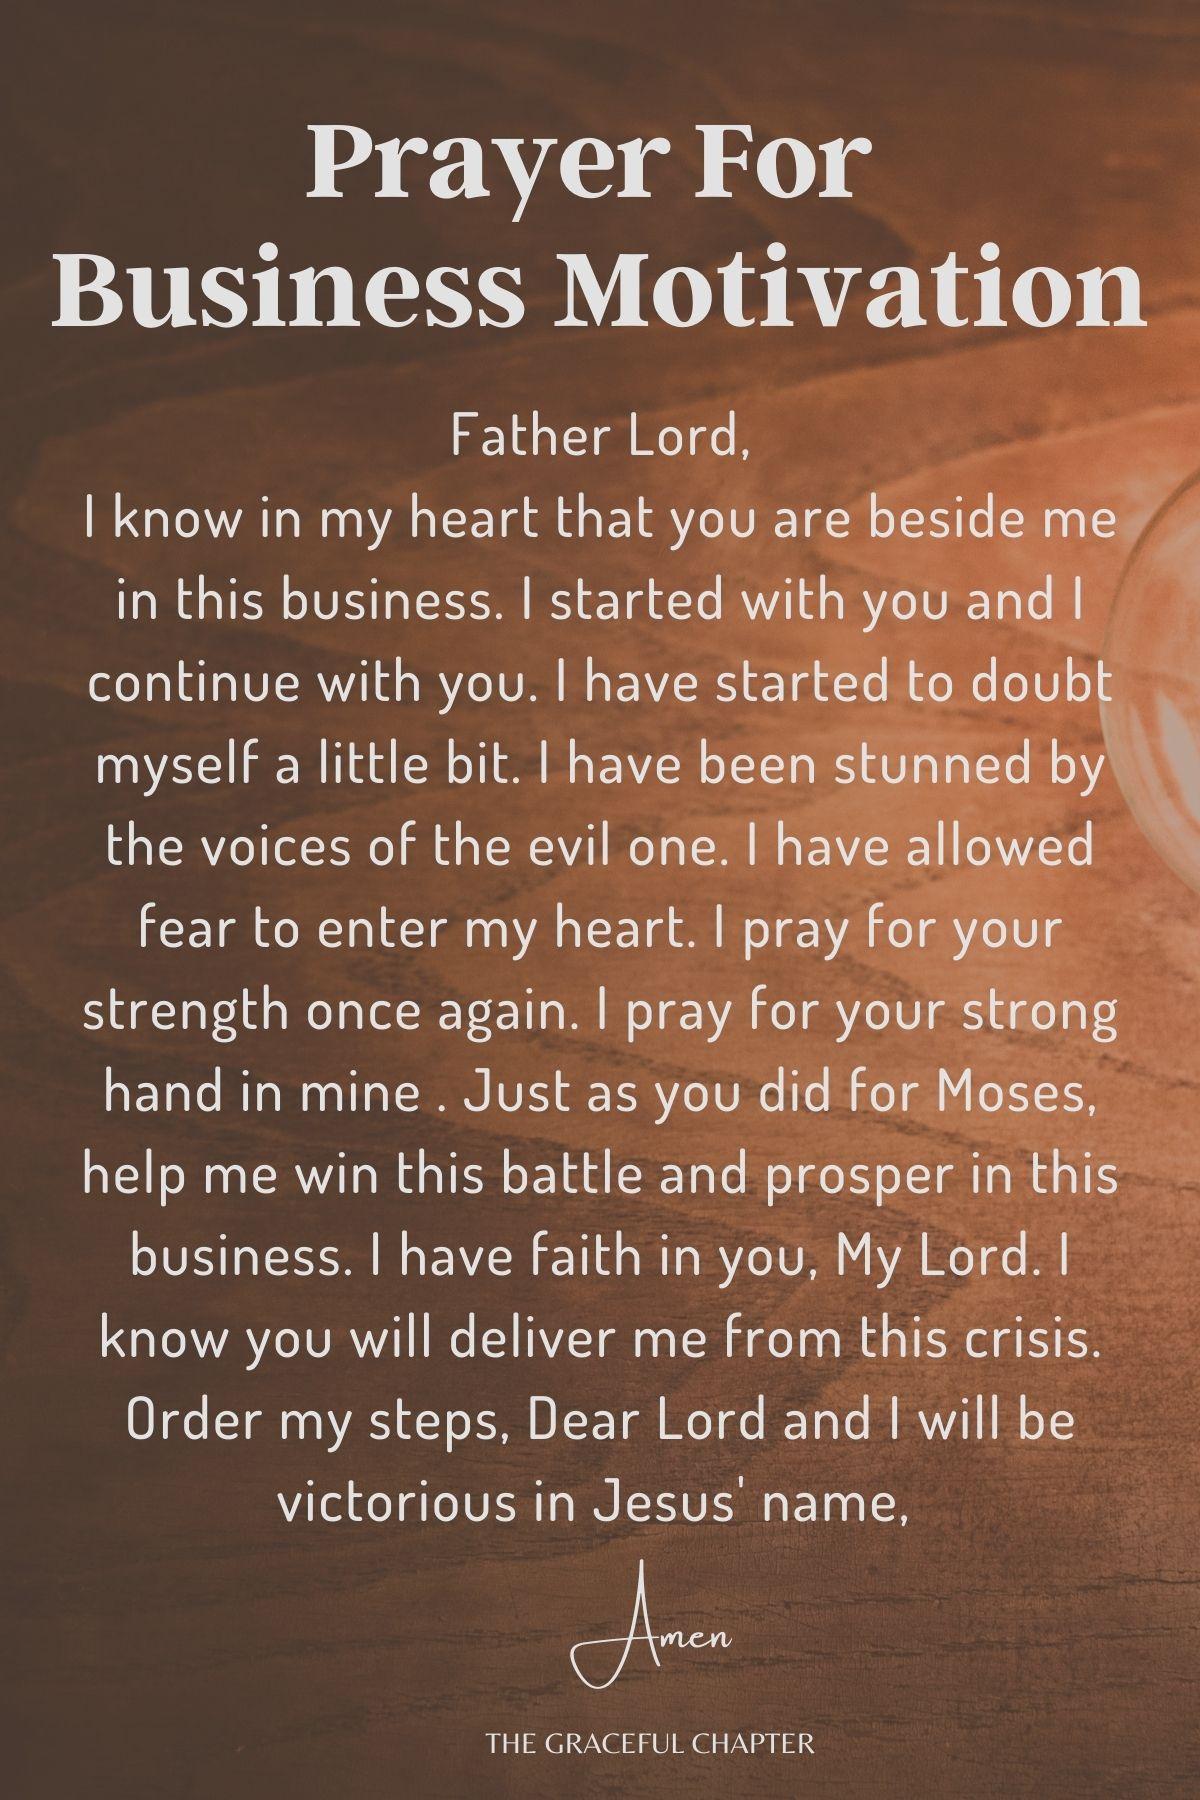 Prayer for motivation